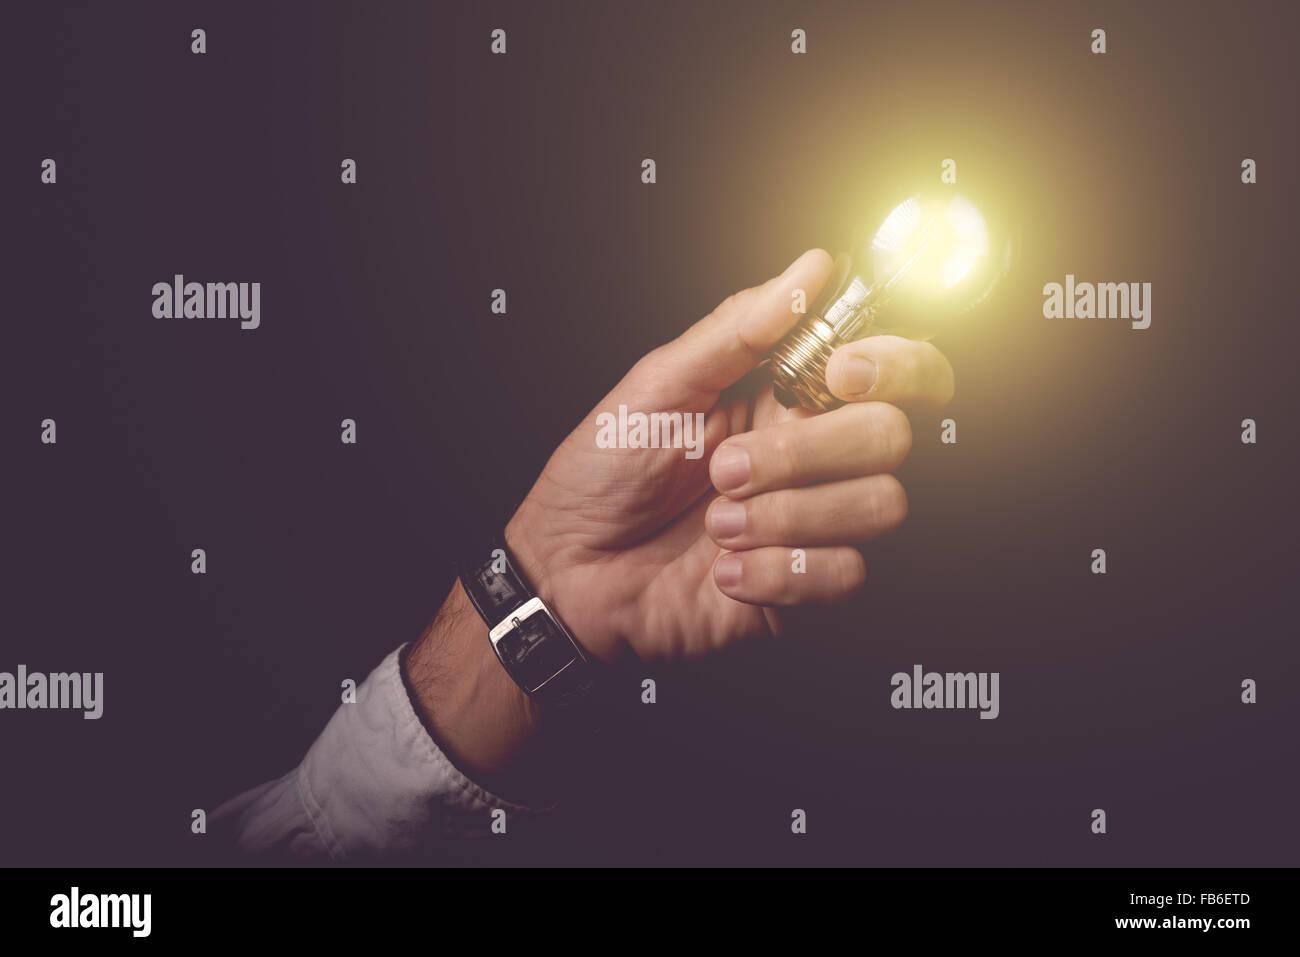 Imprenditore azienda lampadina, il concetto di nuove idee di business, innovazione e creatività, dai toni rétro Immagini Stock